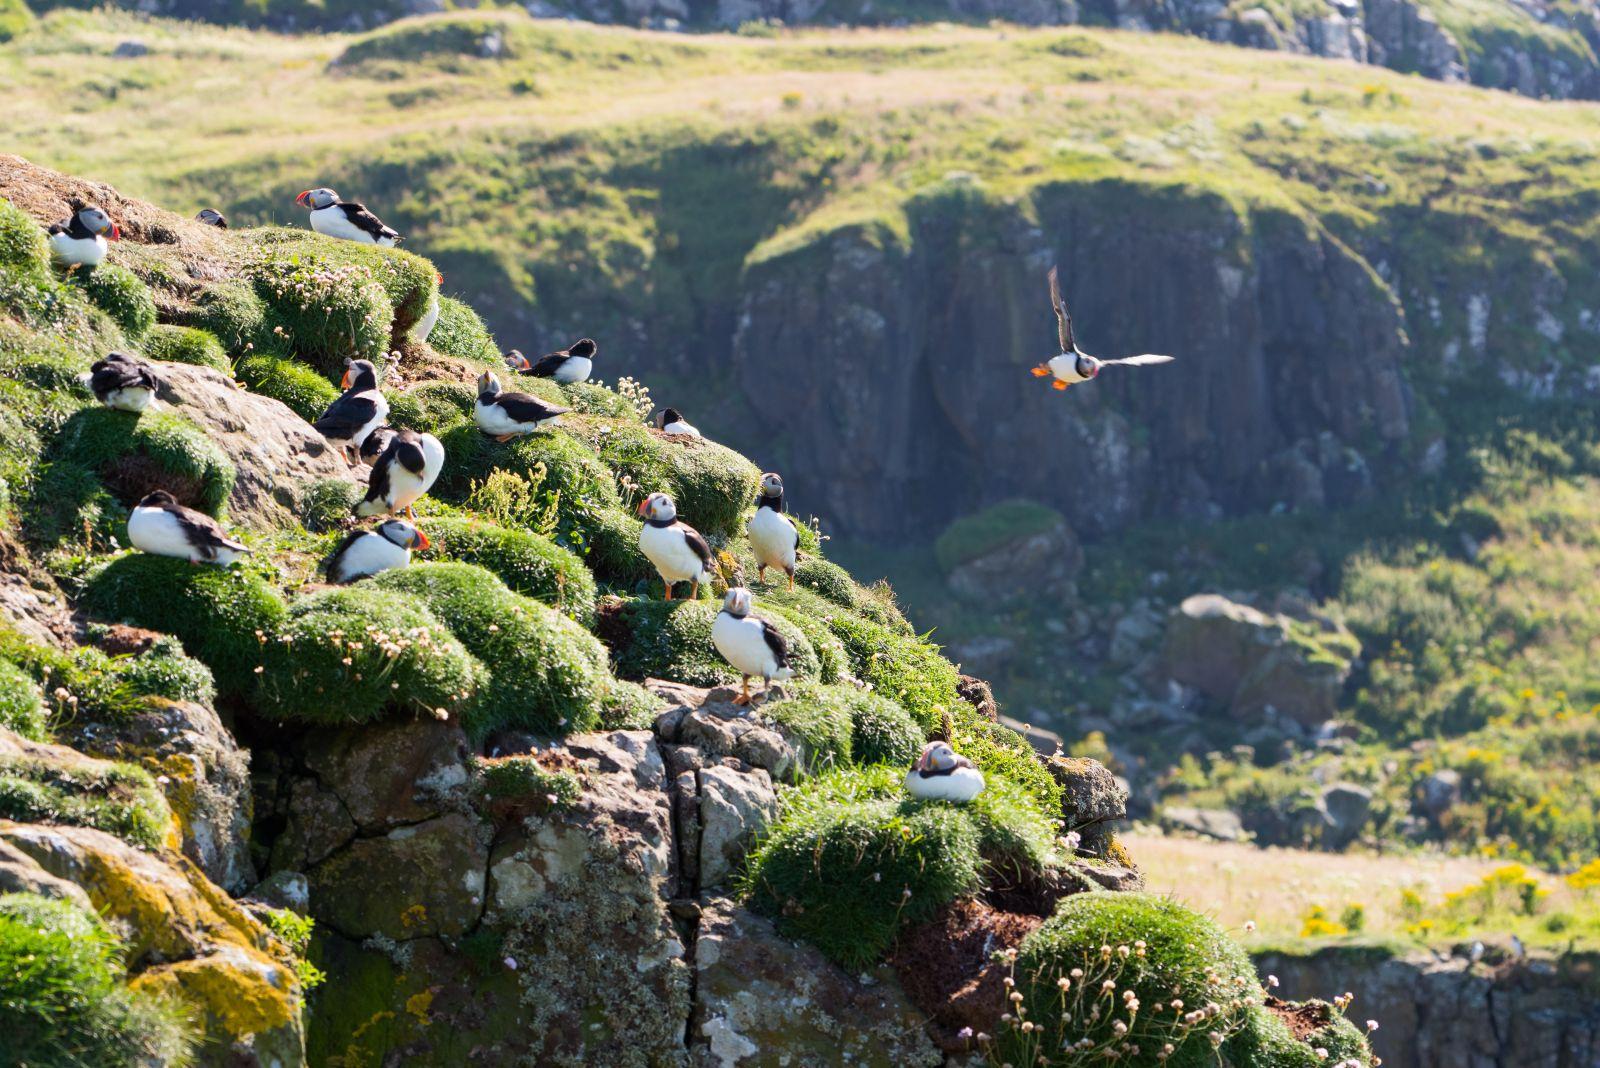 Eine größere Gruppe von Papageientauchern, die sich um einen grünen Felsen ansammeln.